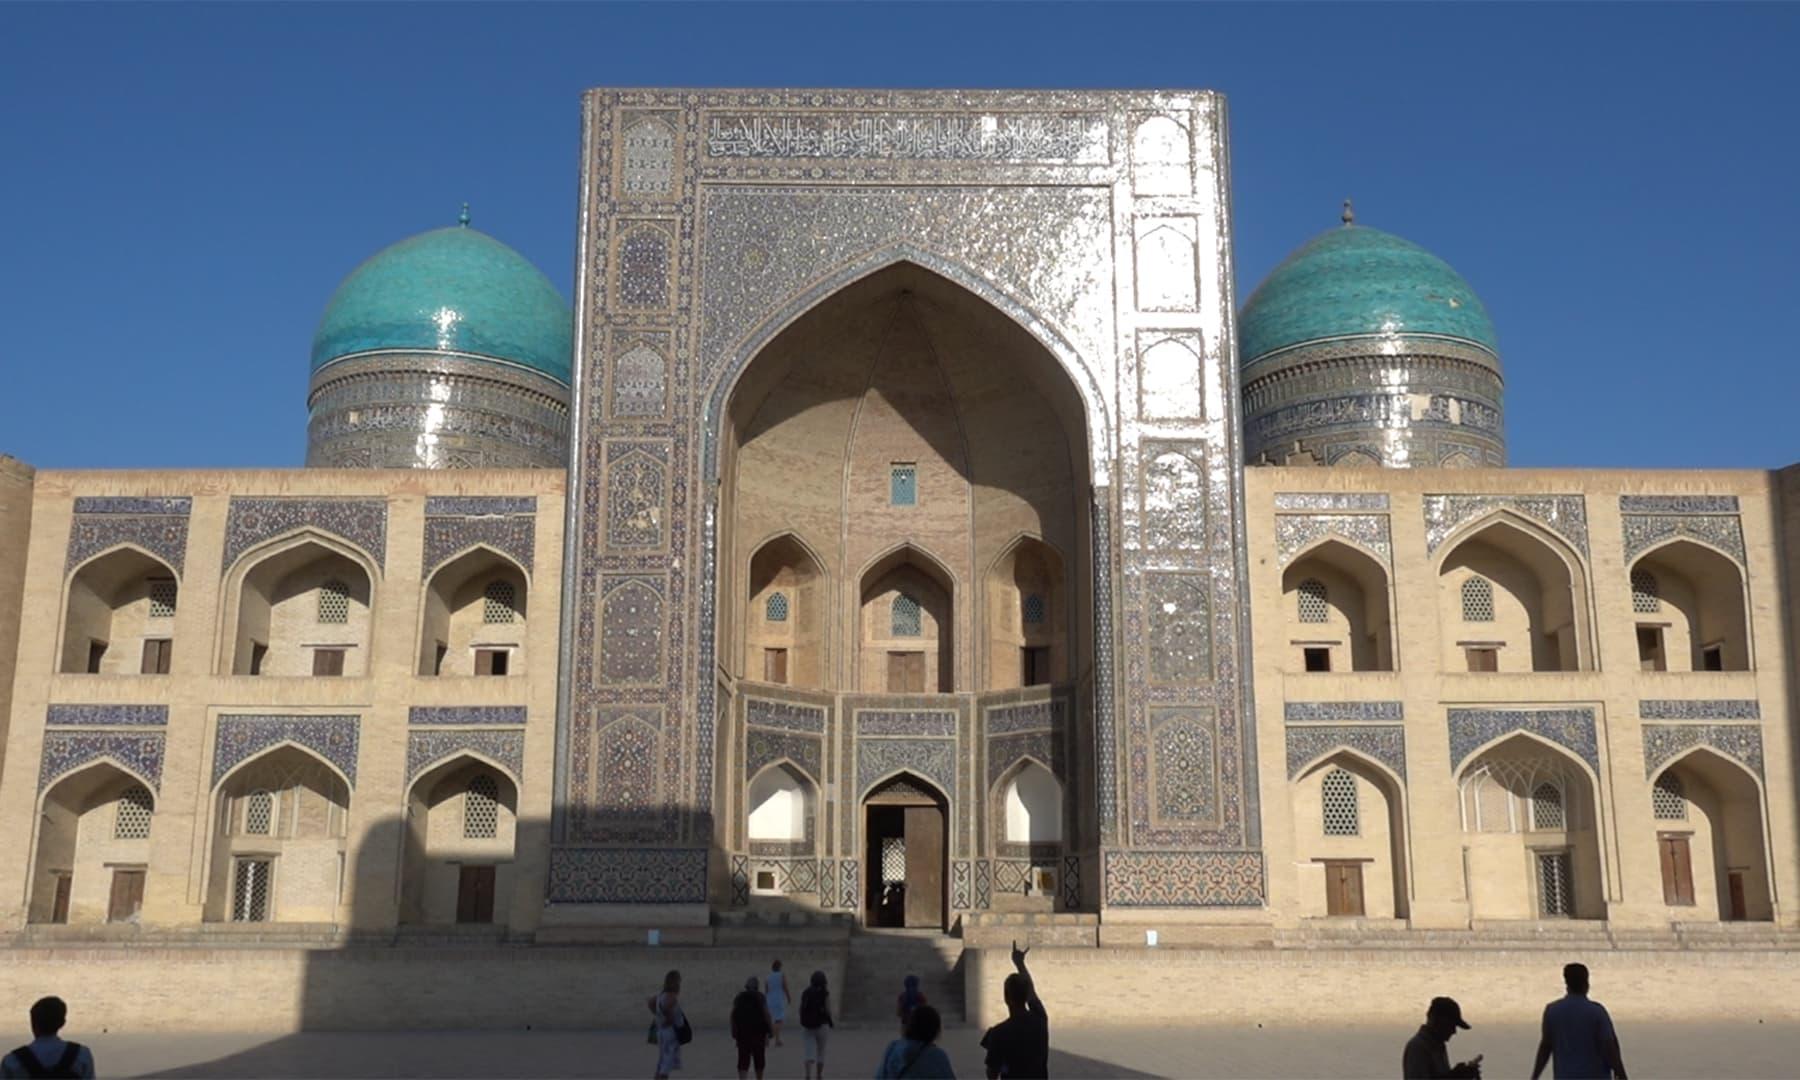 مسجد کے دونوں اطراف 2 بڑے، نیلے رنگ کے دیدہ زیب گنبد موجود ہیں